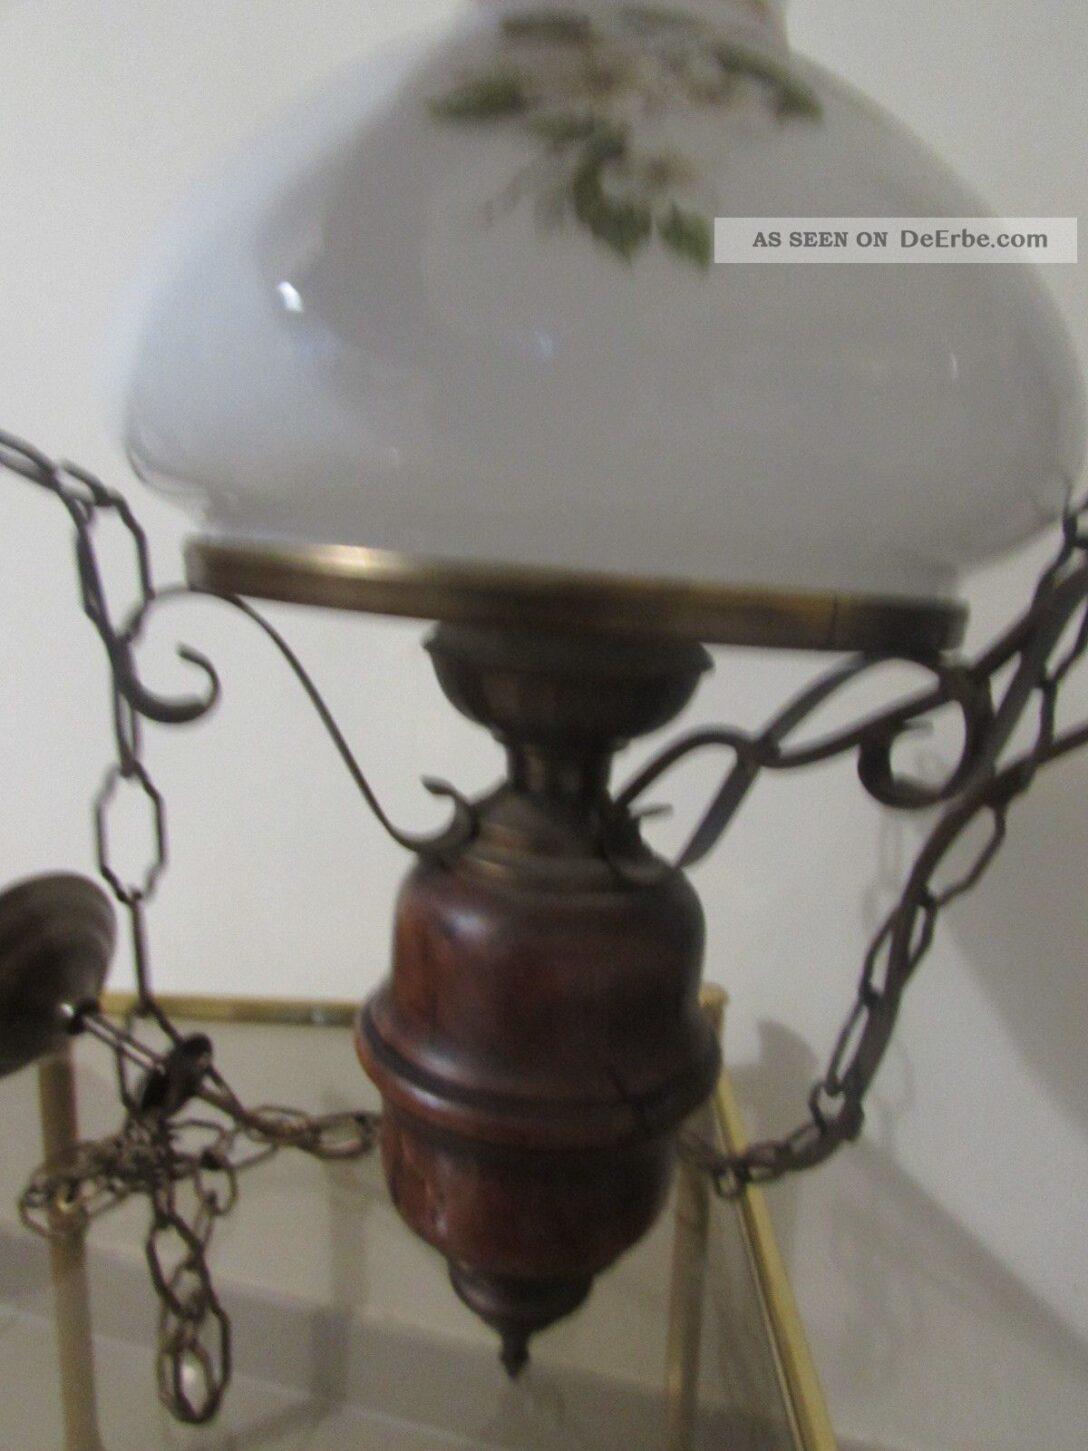 Large Size of Alt Deckenlampe Landhaus Hngelampe Messing Regal Weiß Bad Bett Landhausstil Landhausküche Grau Schlafzimmer Wohnzimmer Deckenlampen Esstisch Sofa Küche Wohnzimmer Deckenlampe Landhaus